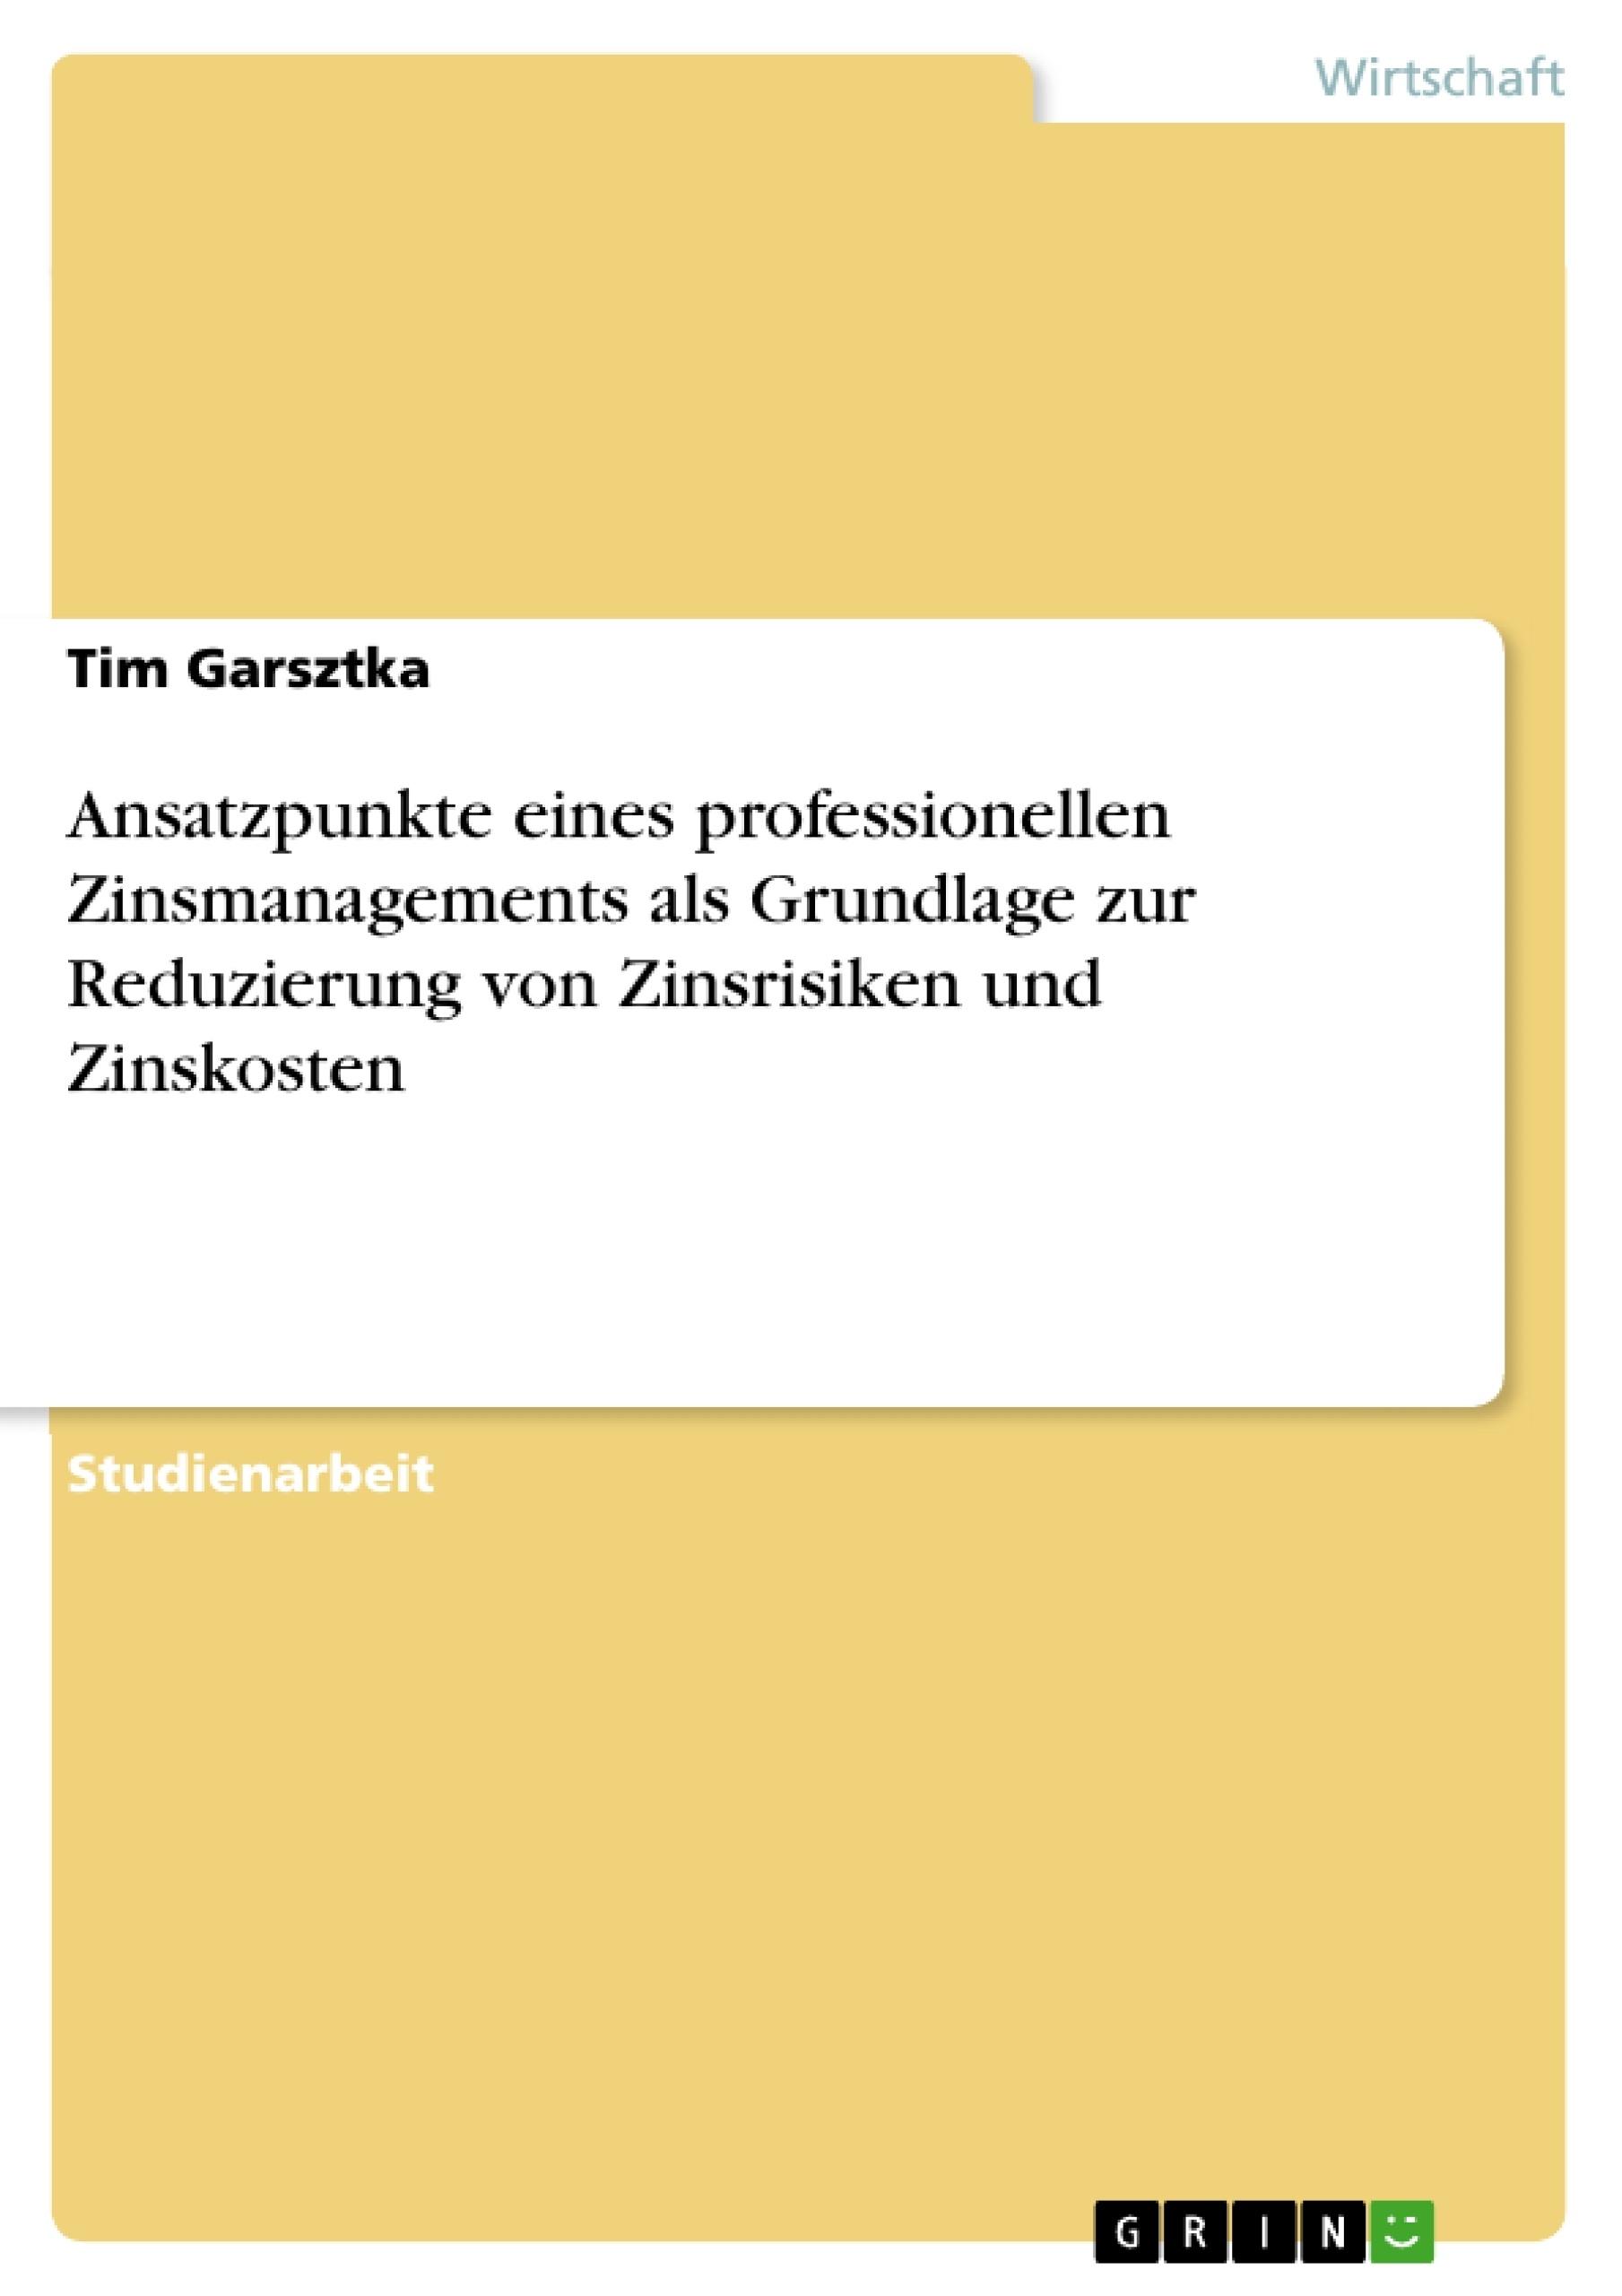 Titel: Ansatzpunkte eines professionellen Zinsmanagements als Grundlage zur Reduzierung von Zinsrisiken und Zinskosten